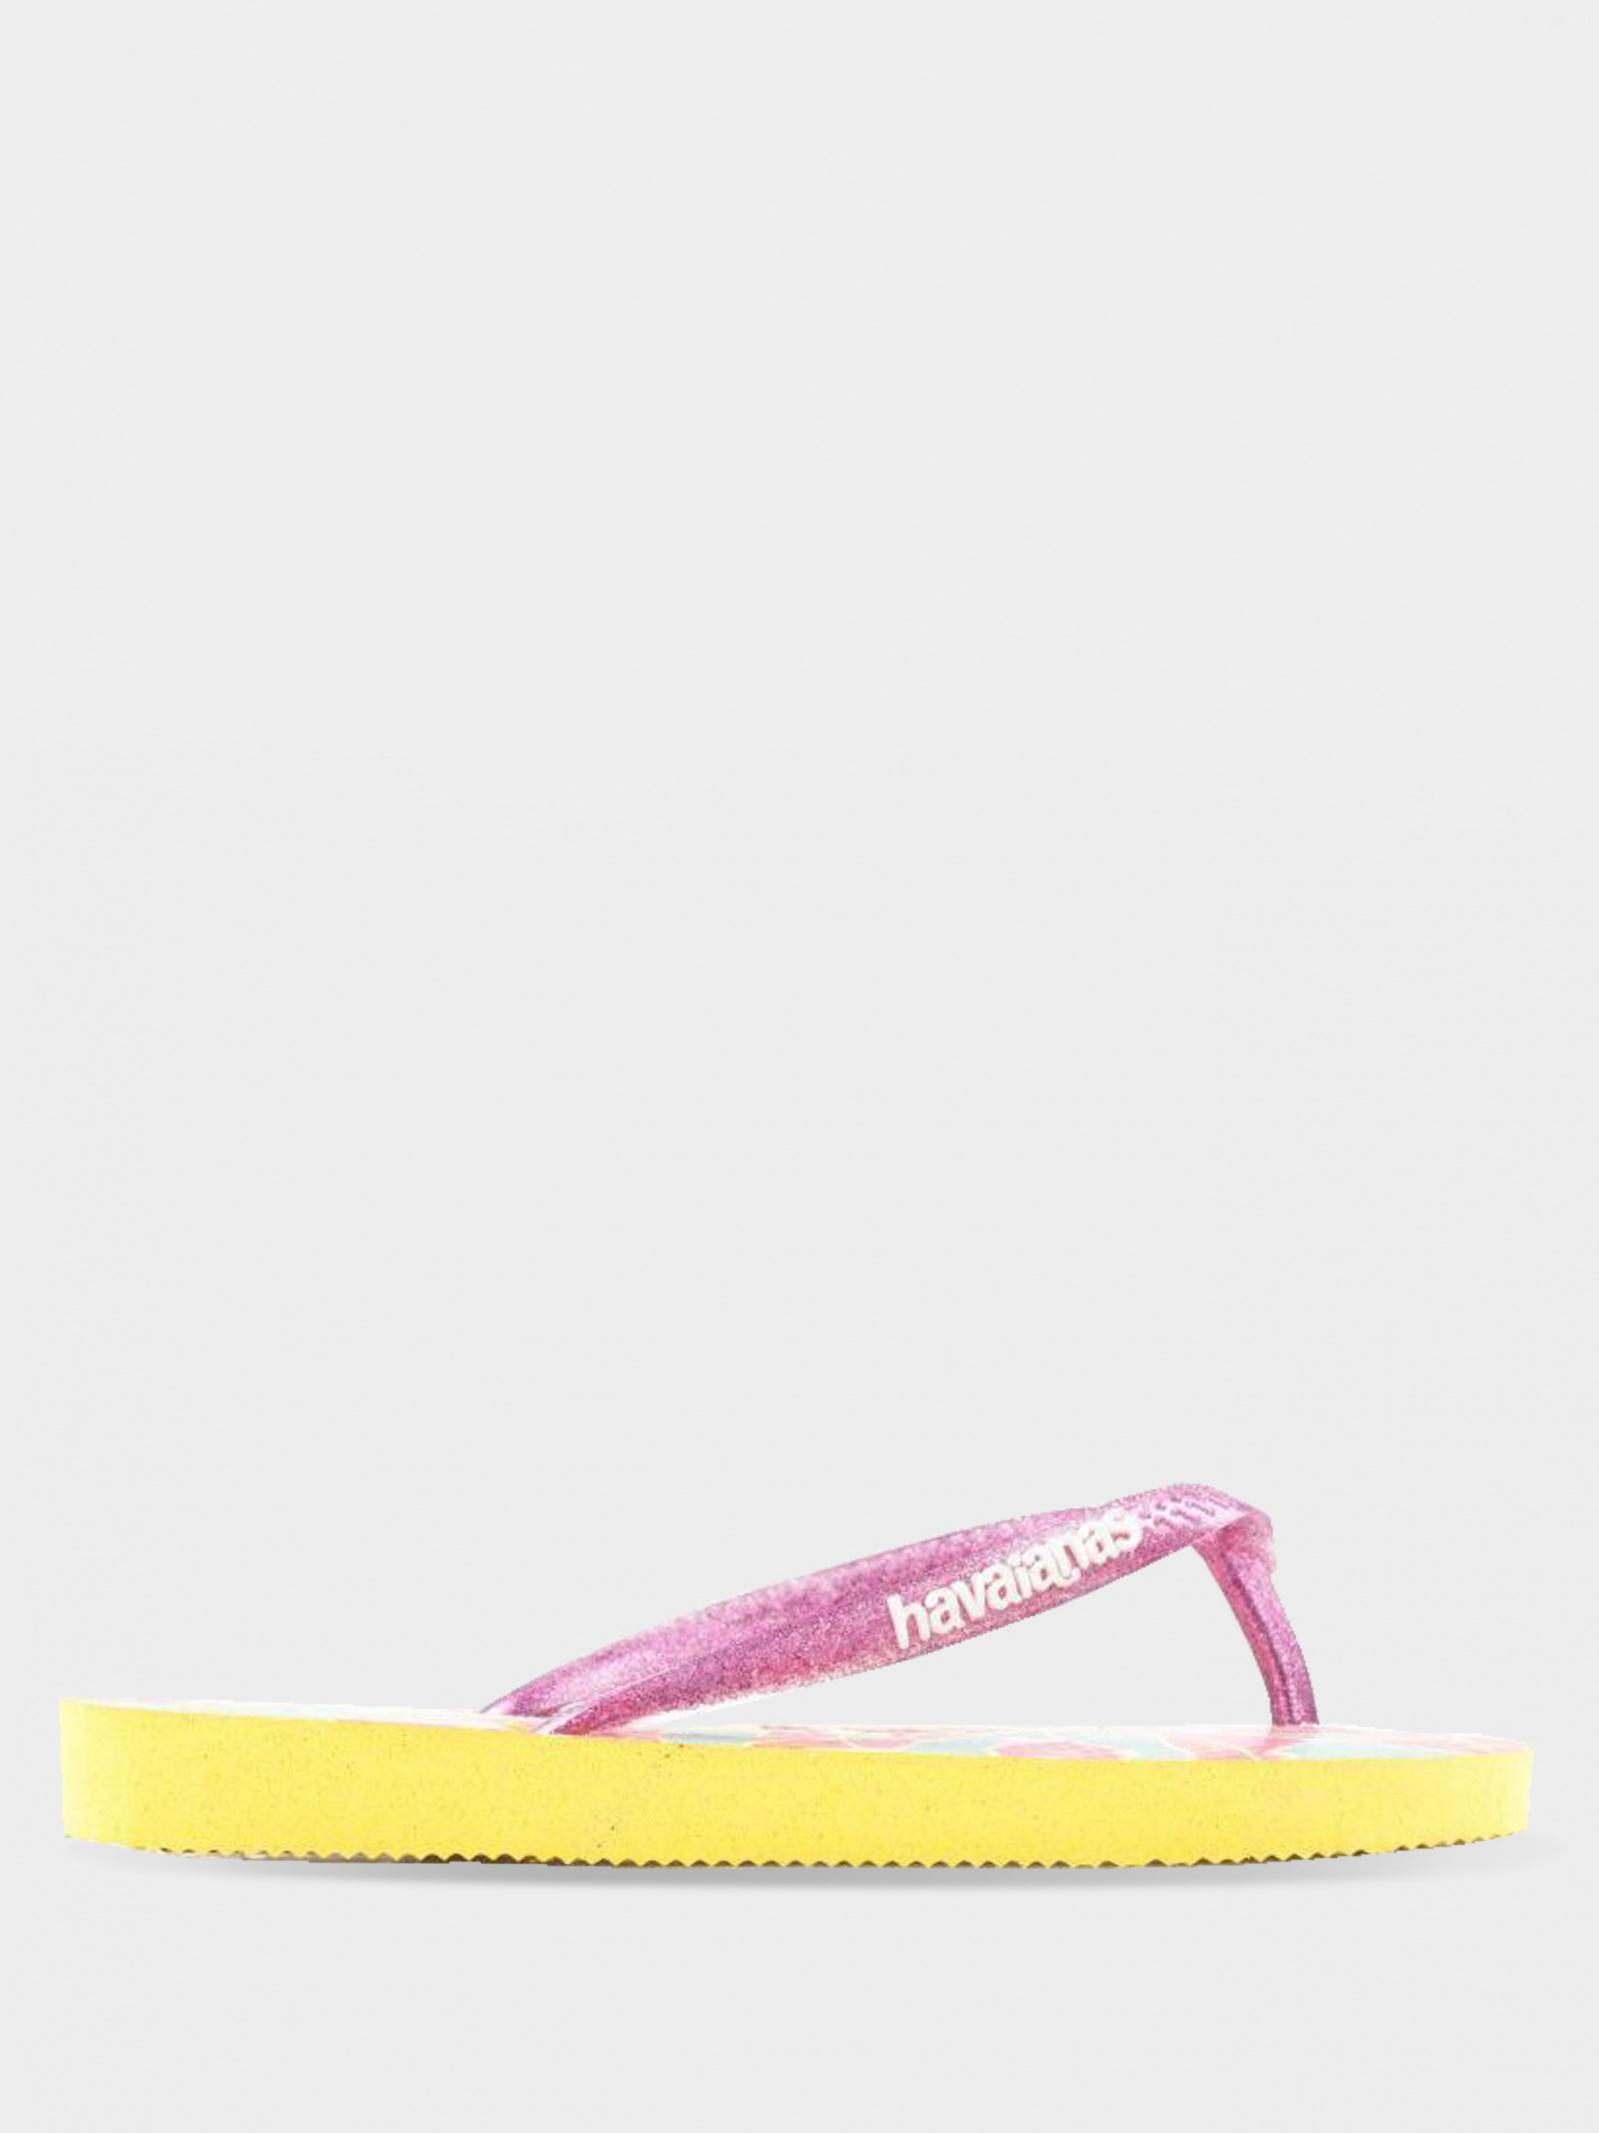 Шлёпанцы для детей Havaianas 4123328-0013 брендовая обувь, 2017